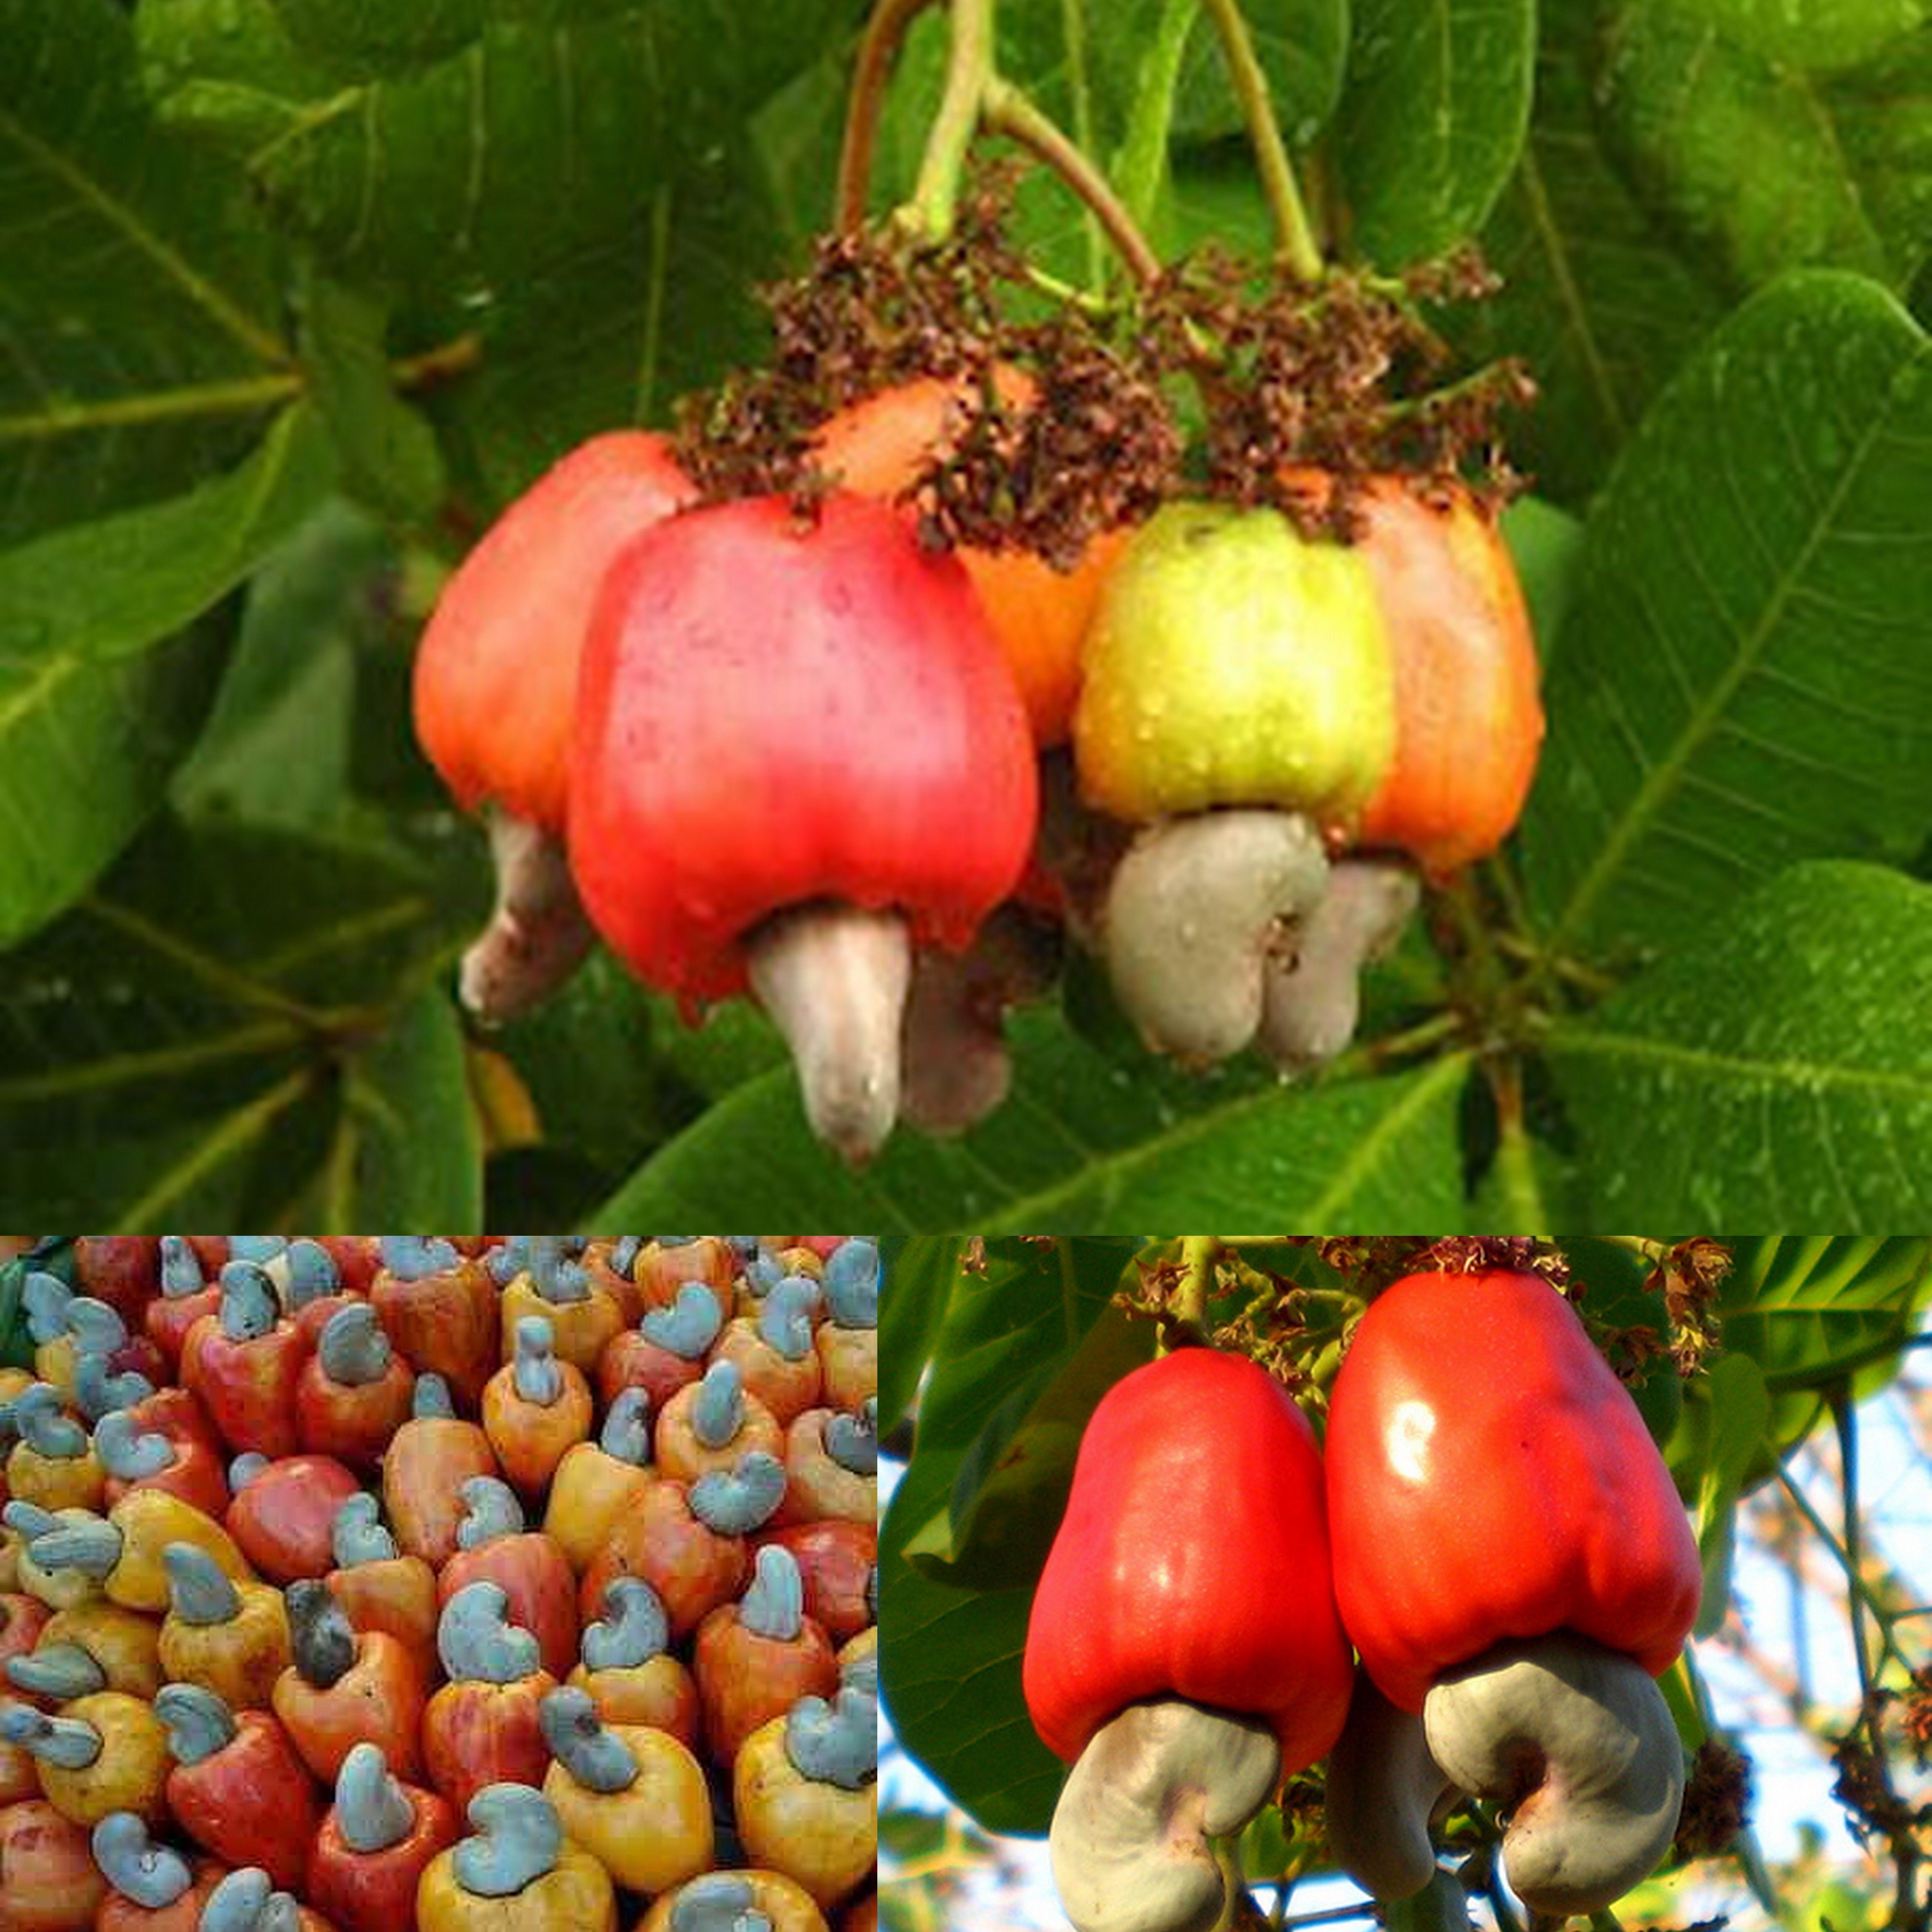 Marañon is the Salvadorian name for the cashew fruit. Jugo de ...